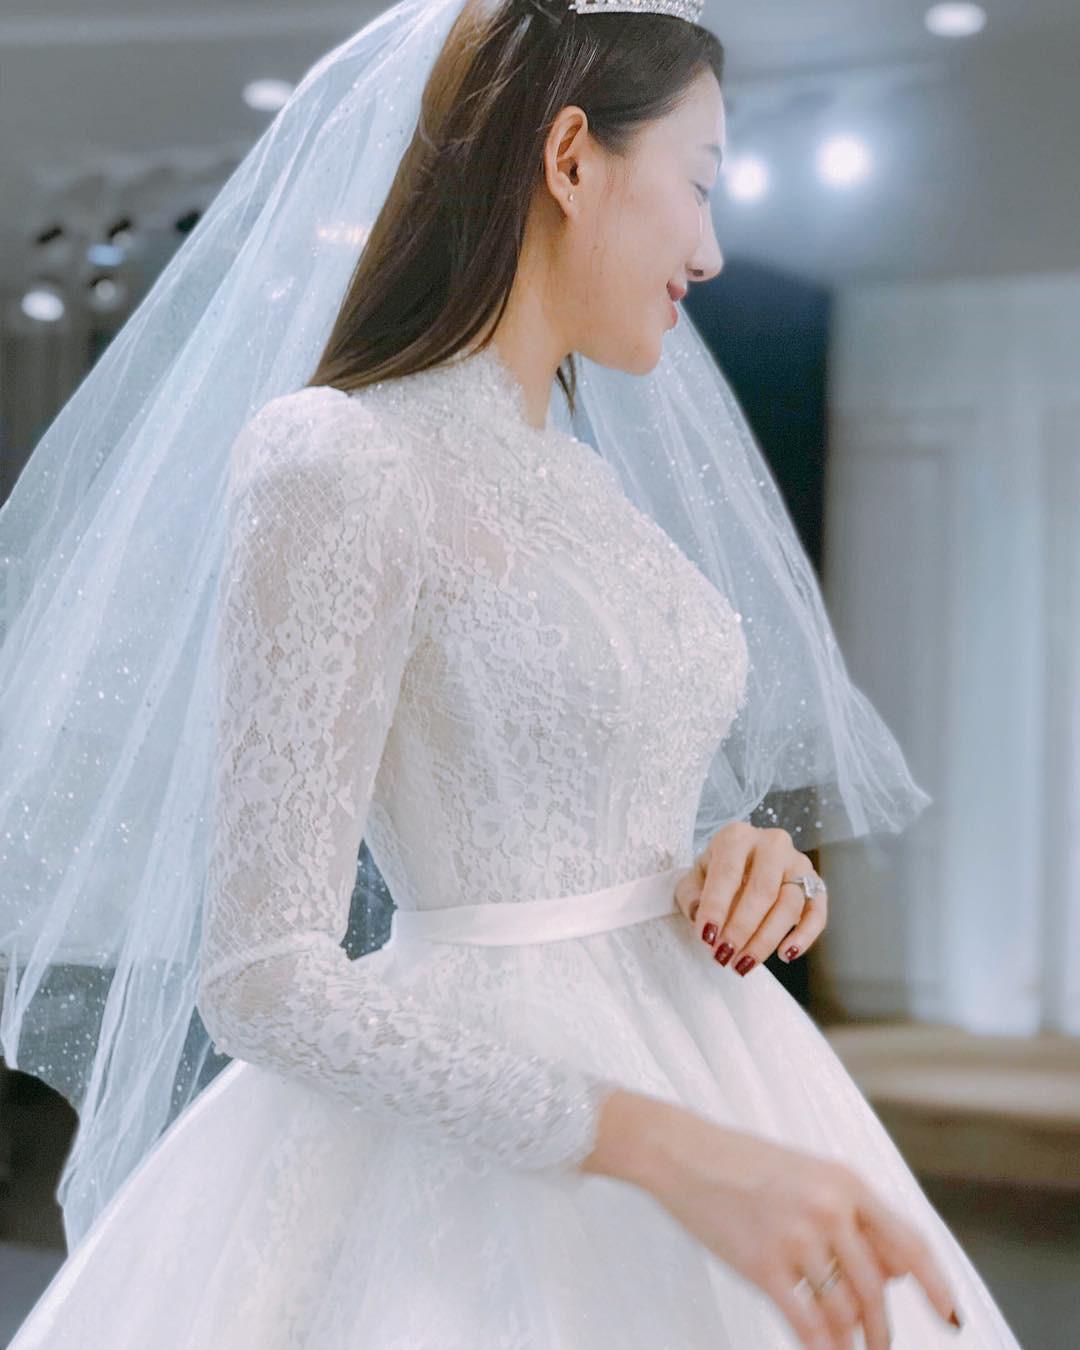 Lê Hà khoe khoảnh khắc thử váy cưới chuẩn bị cho ngày trọng đại với ông xã soái ca - Ảnh 1.